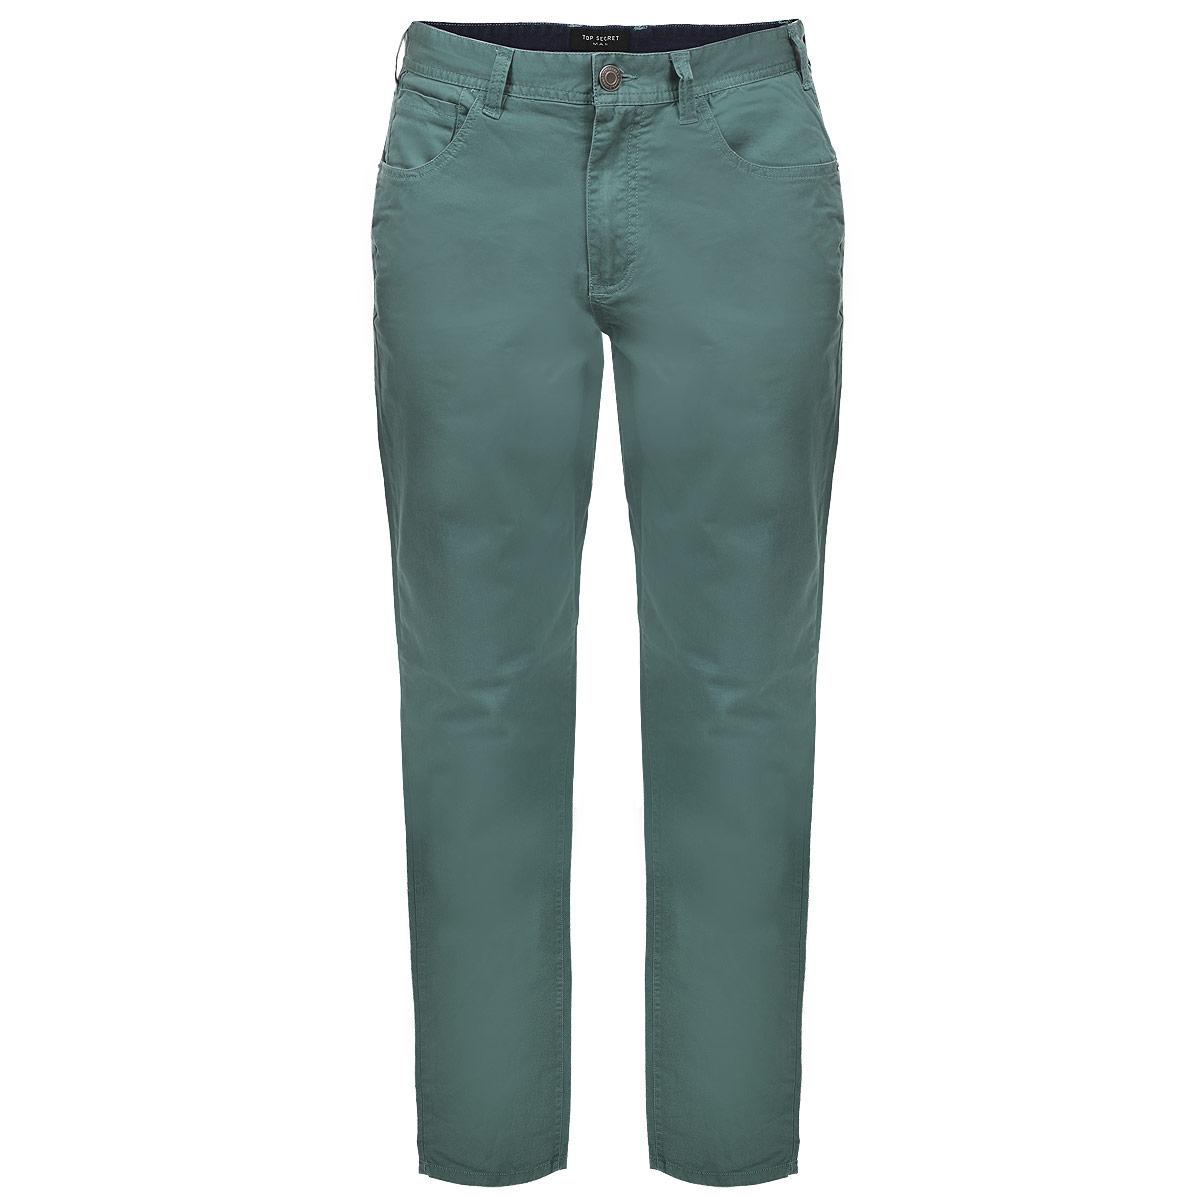 SSP1902BEСтильные мужские брюки Top Secret высочайшего качества, подходят большинству мужчин. Модель прямого кроя и средней посадки станет отличным дополнением к вашему современному образу. Застегиваются брюки на молнию и пуговицу, имеются шлевки для ремня. Спереди модель оформлена двумя втачными карманами и одним секретным кармашком, а сзади - двумя накладными карманами. Эти модные и в тоже время комфортные брюки послужат отличным дополнением к вашему гардеробу. В них вы всегда будете чувствовать себя уютно и комфортно.